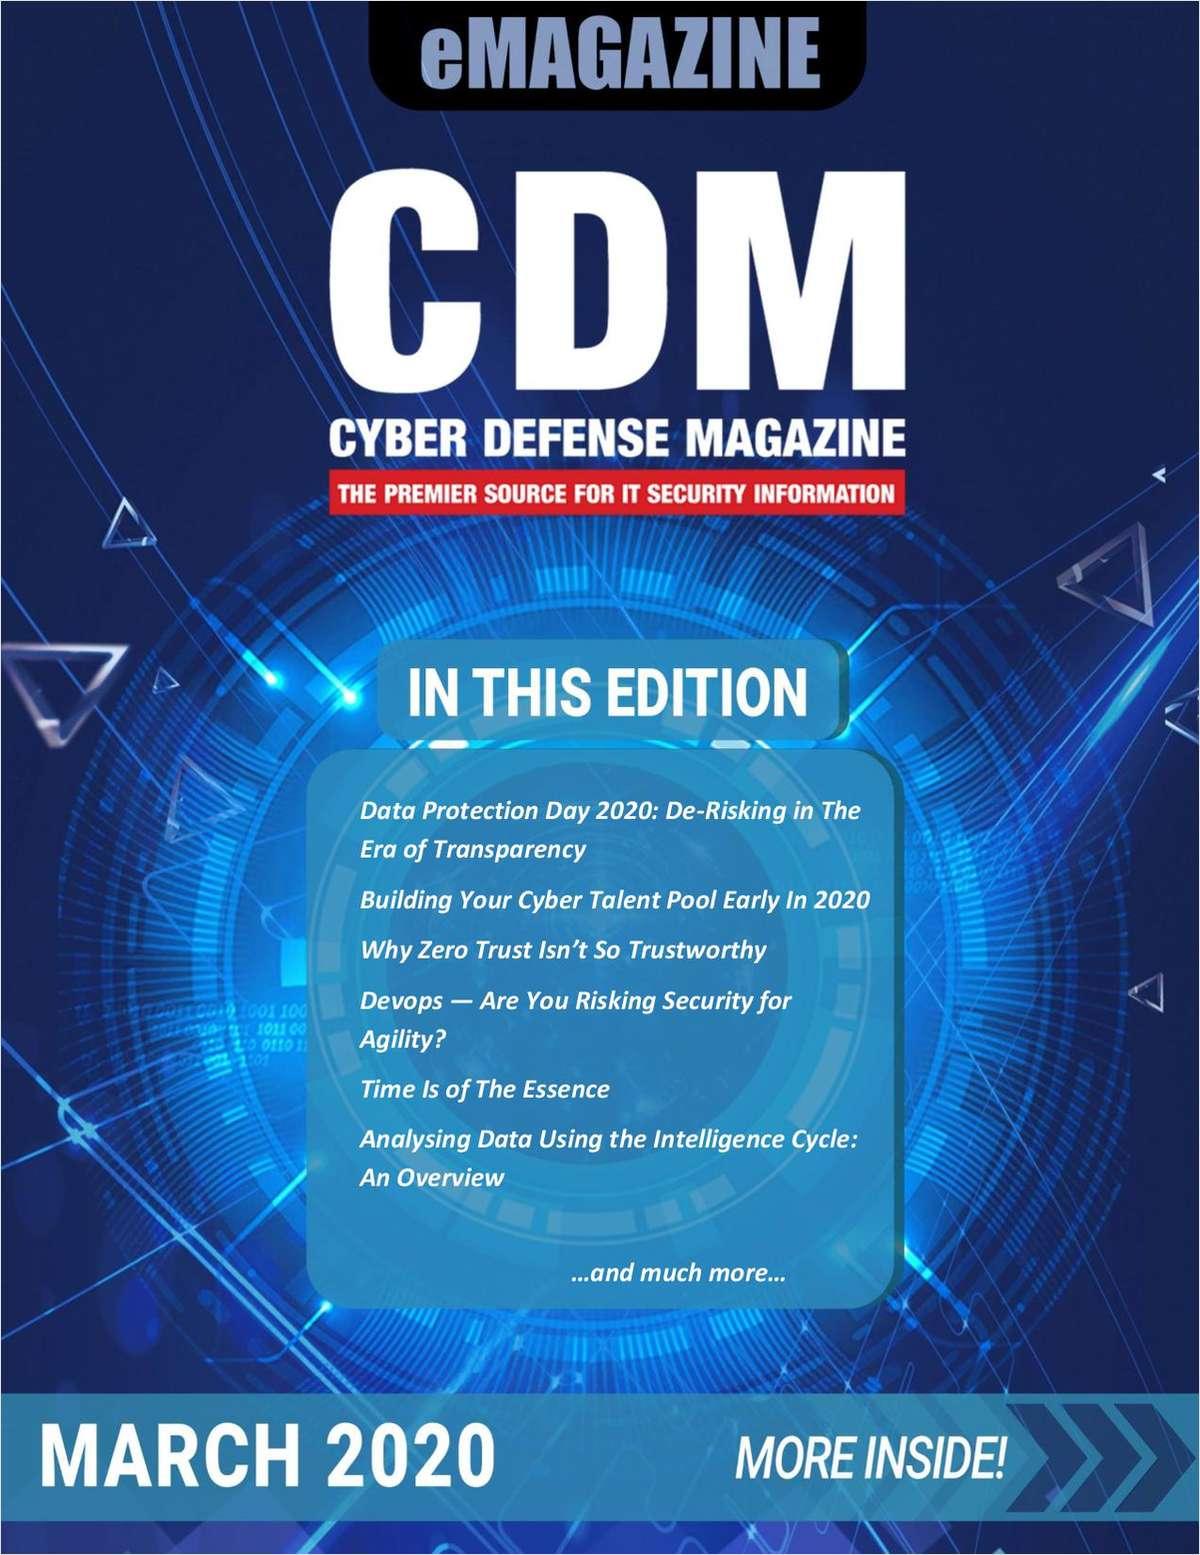 Cyber Defense Magazine March 2020